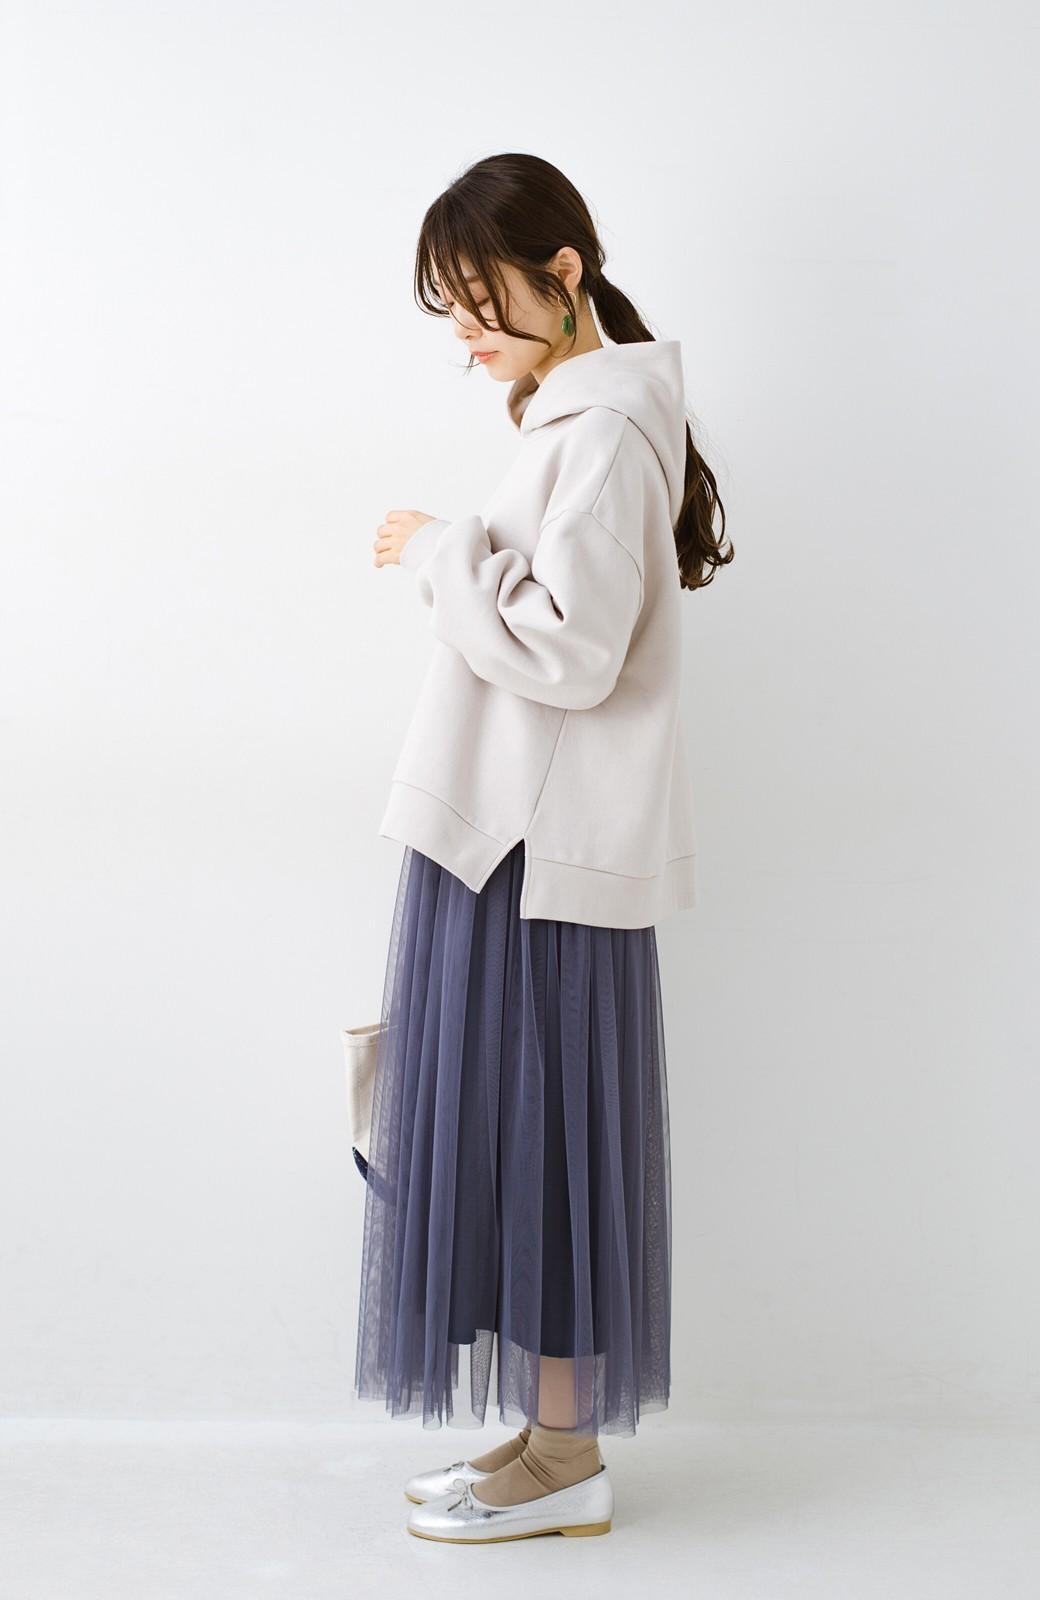 haco! 着るだけでルンとした気分になる! 長ーーい季節着られてずっと使えるオトナのためのチュールスカート <ネイビー>の商品写真11